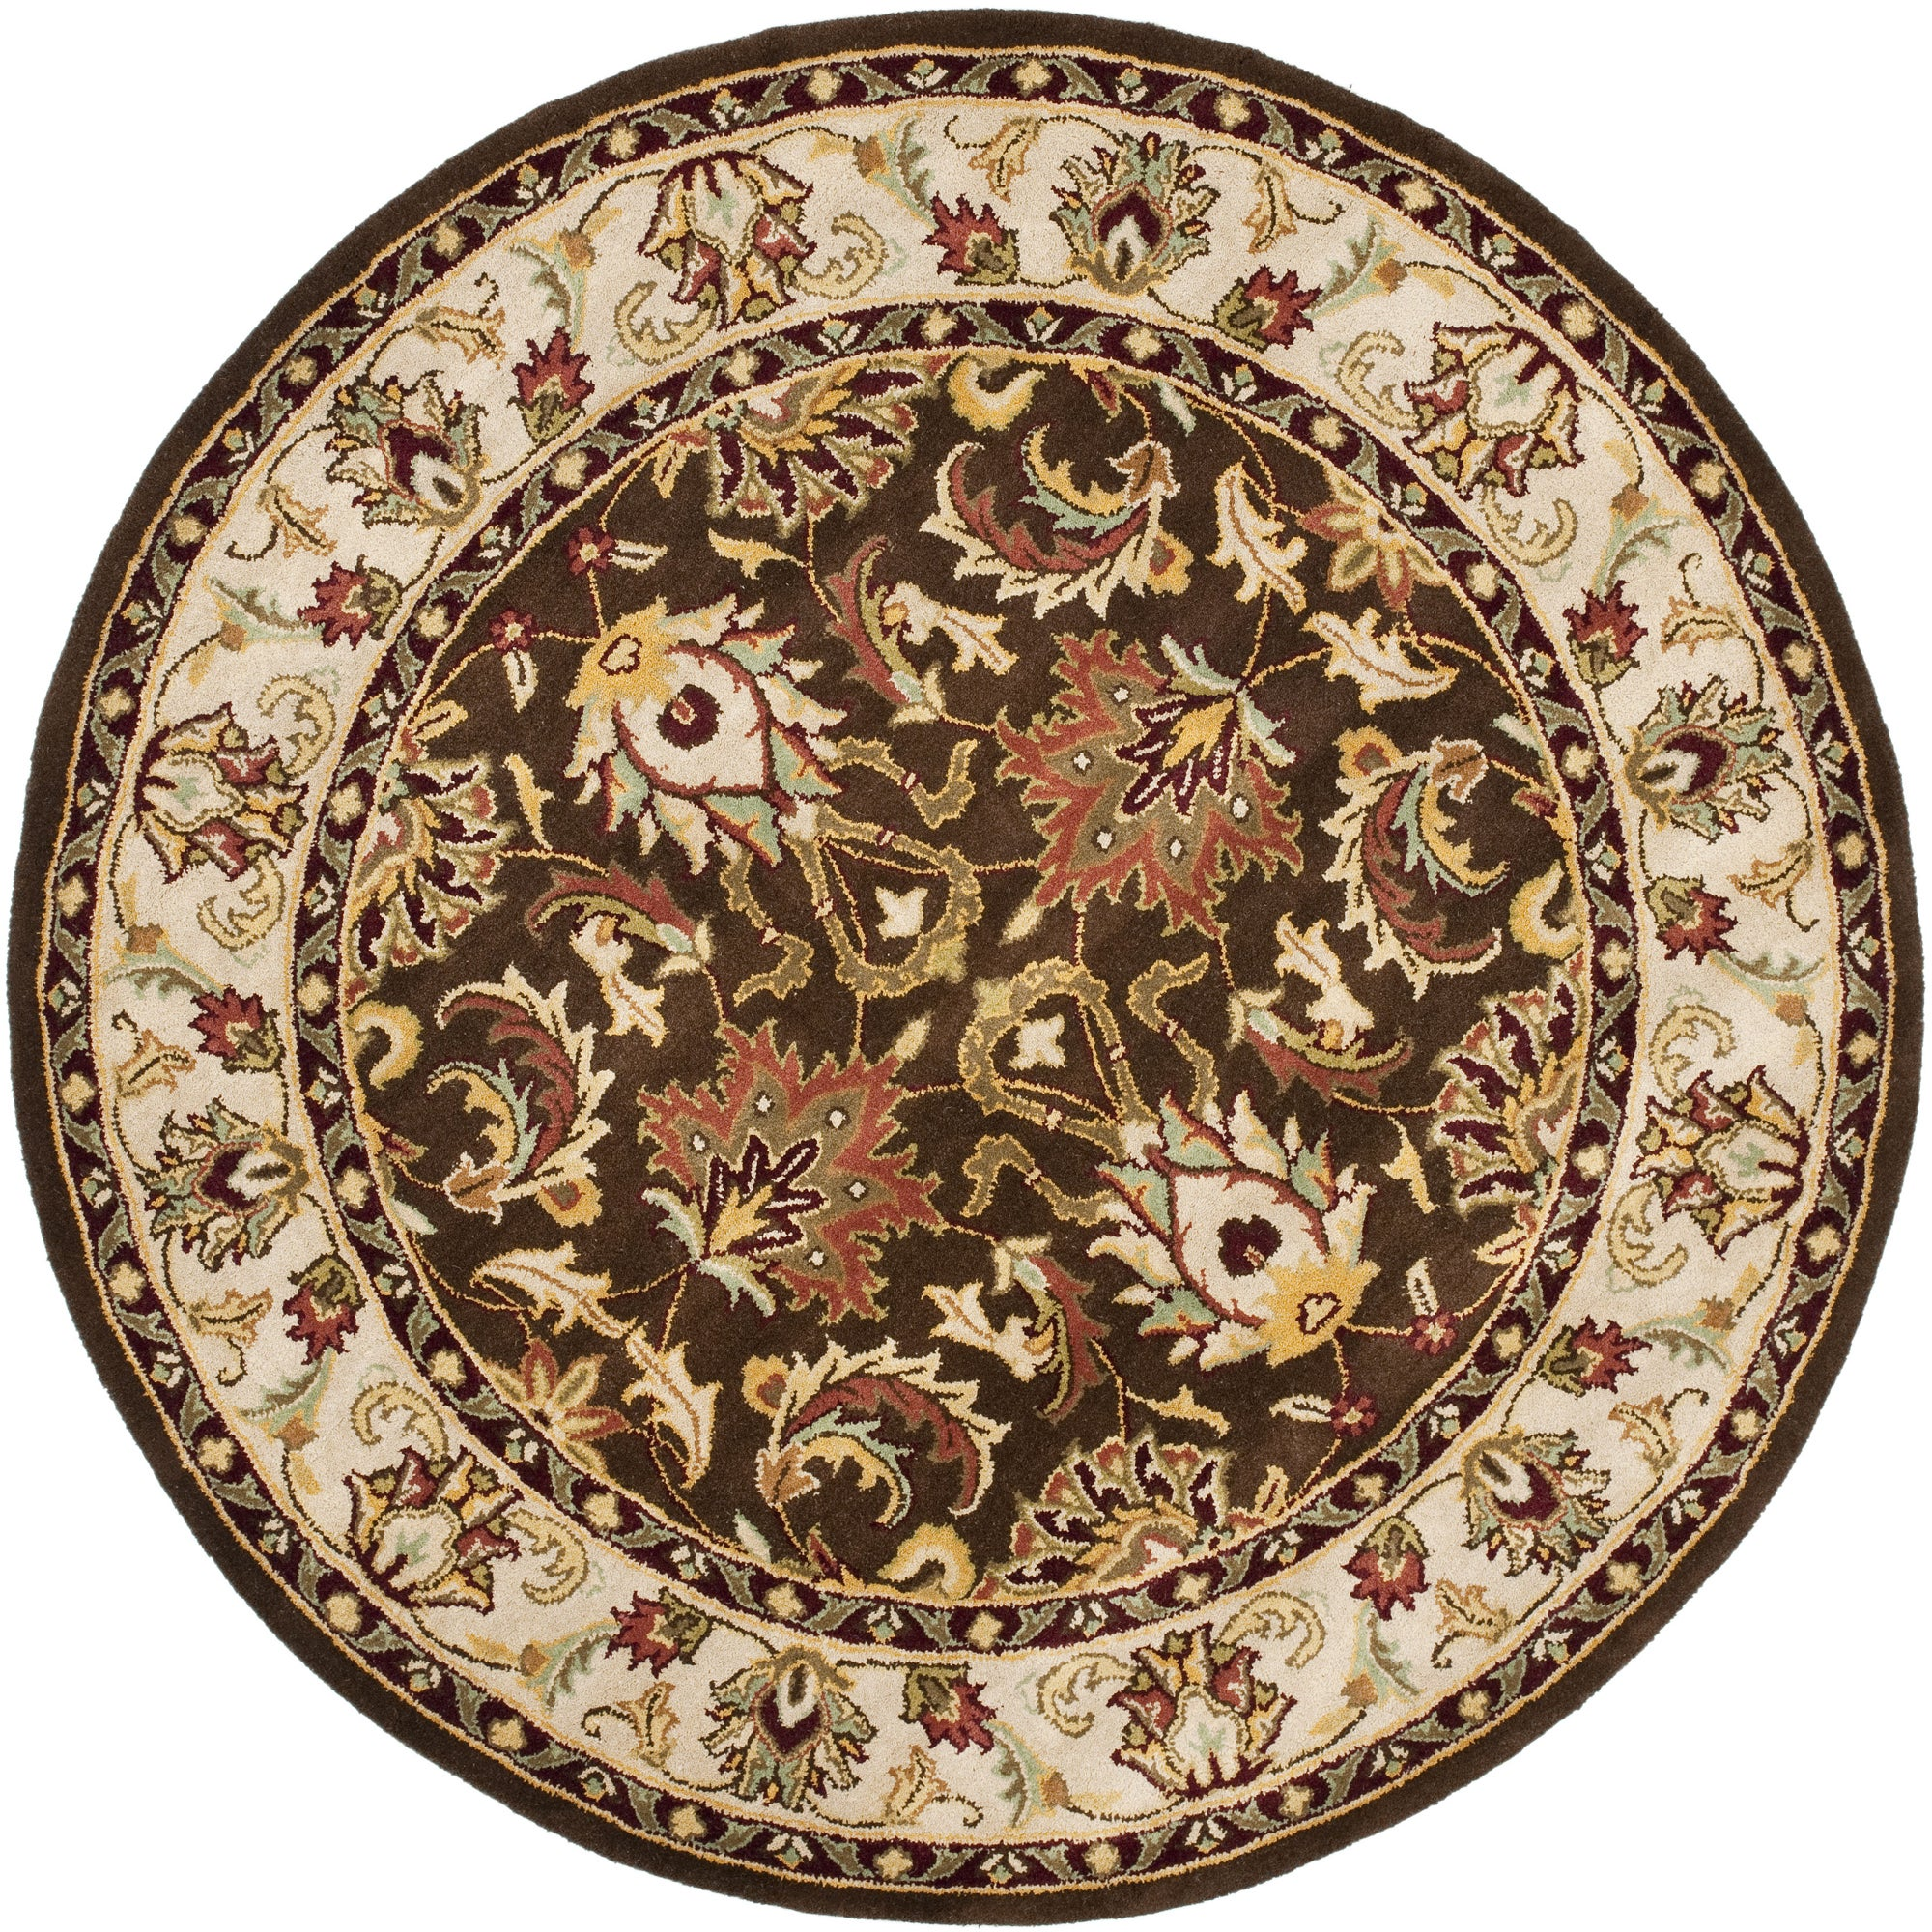 comprar por color todos alfombras beige marrn negro blanco marfil